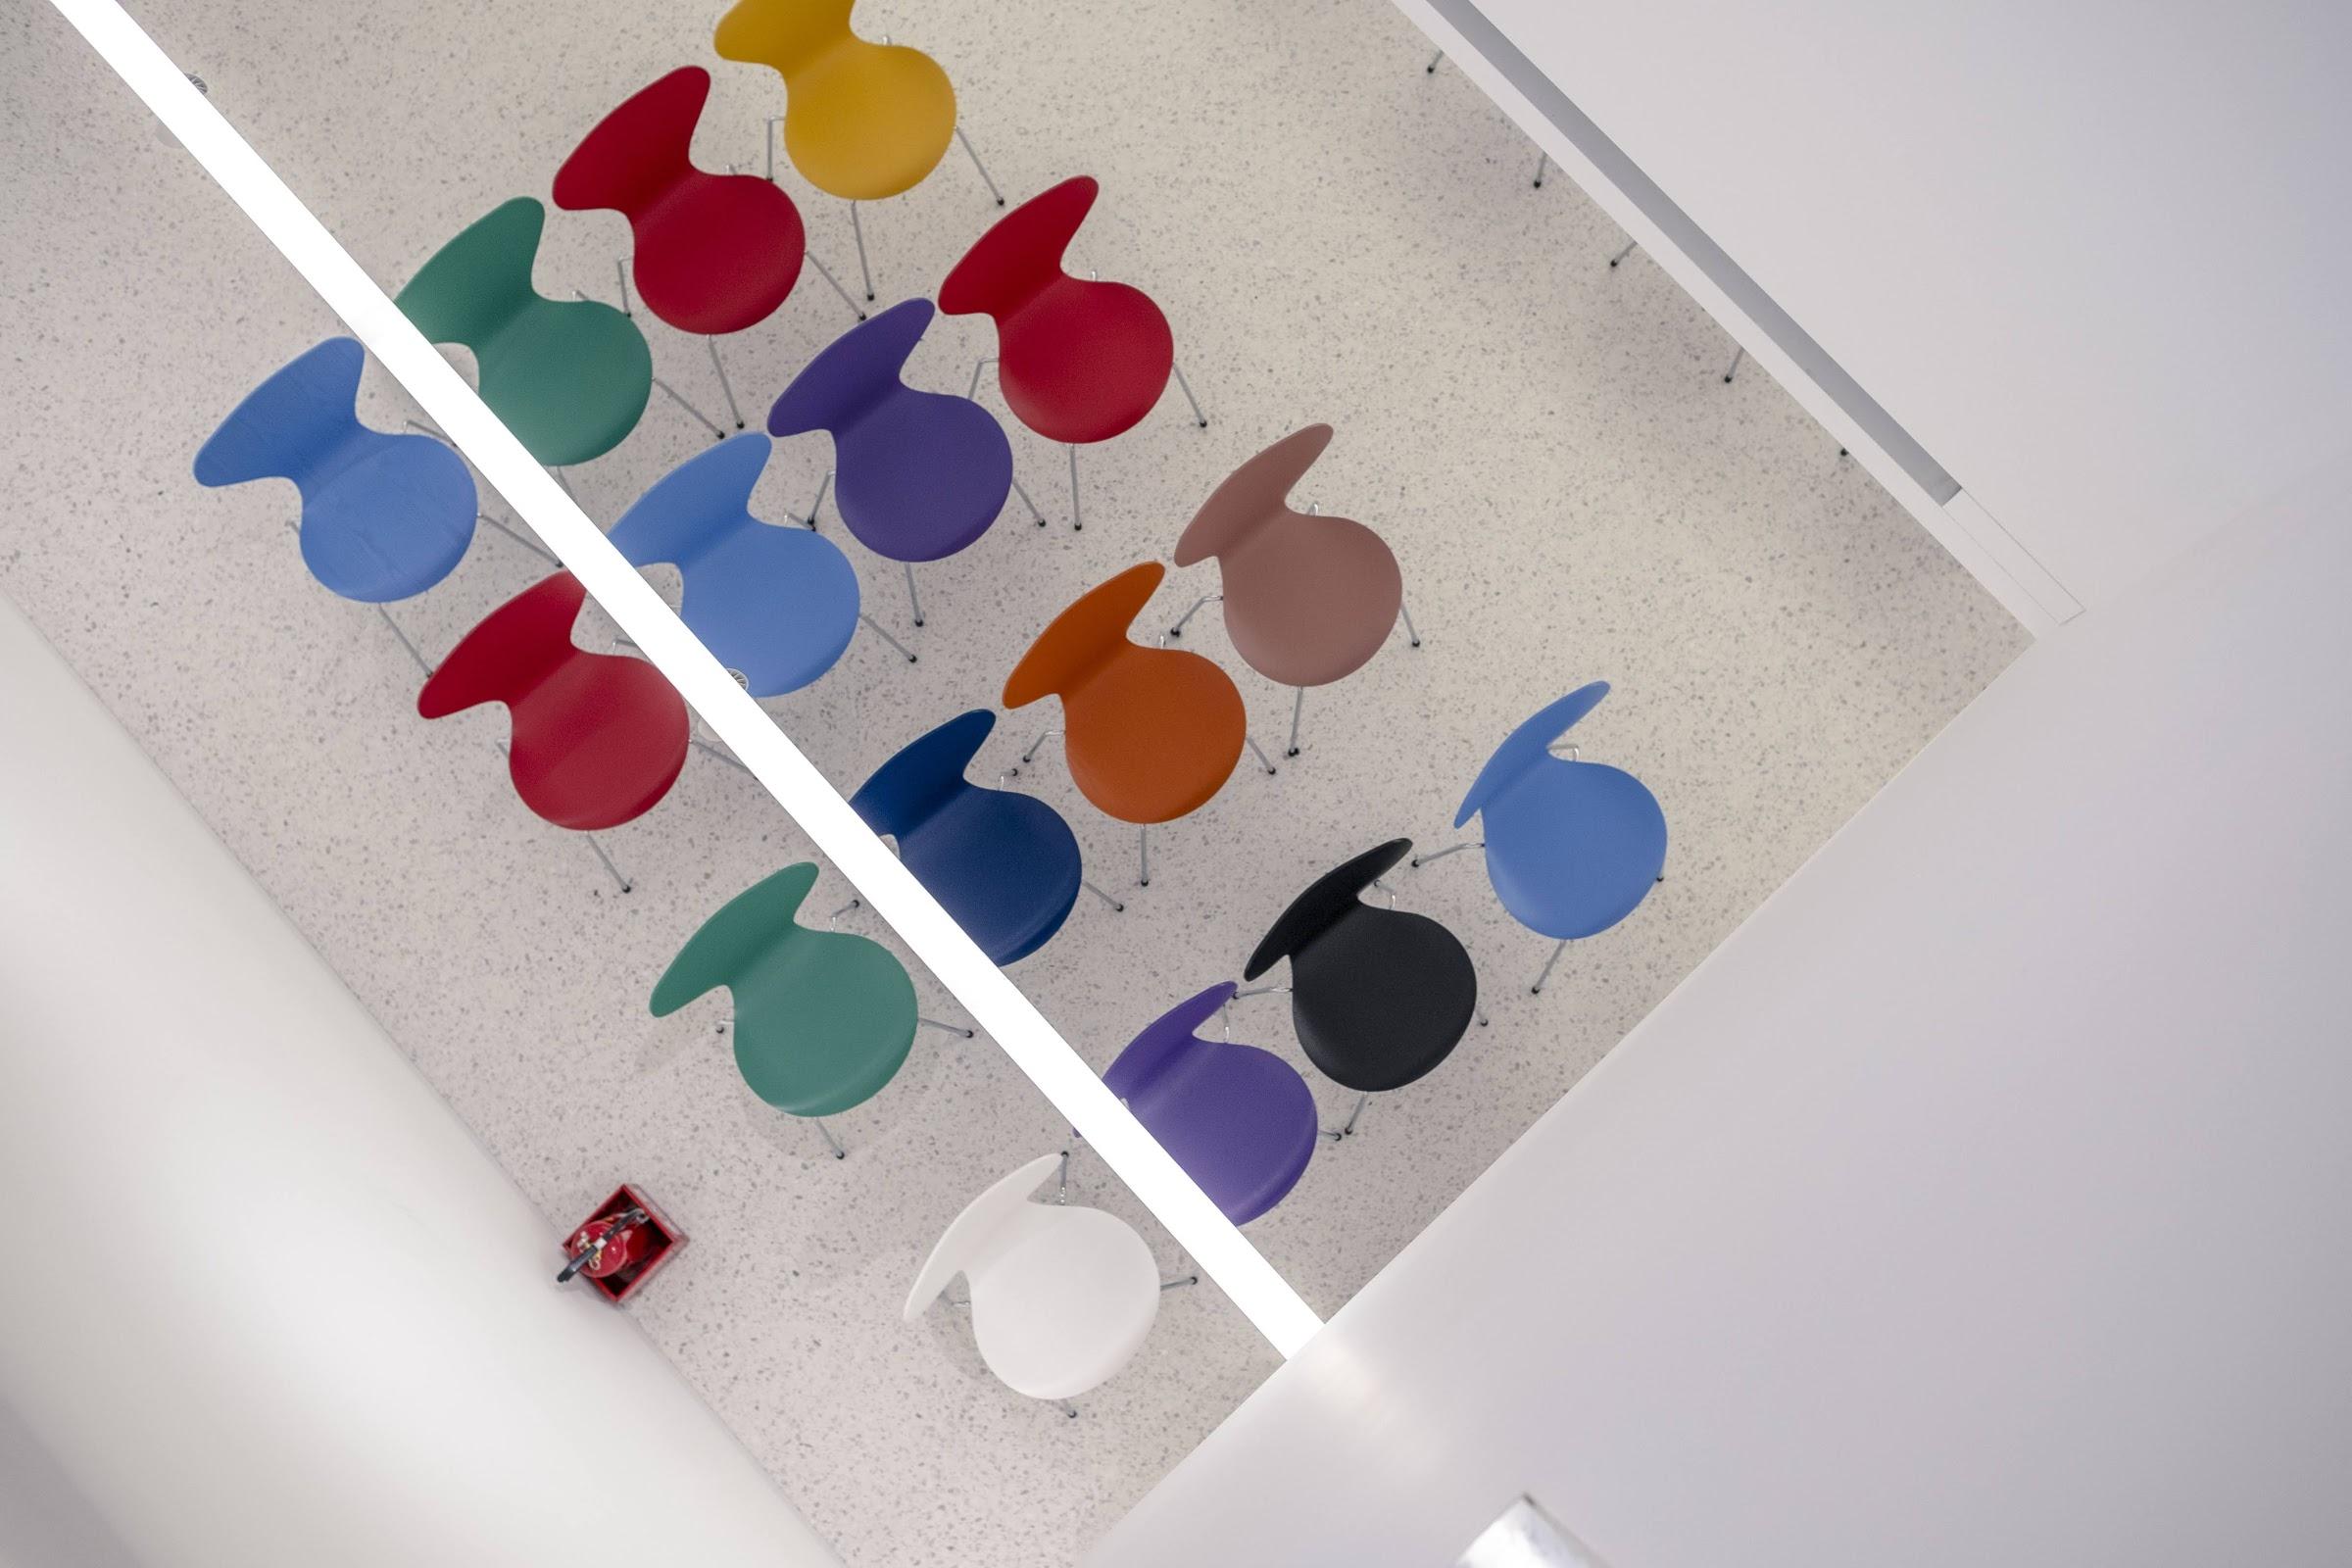 北歐設計師Arne Jacobsen經典系列「Series 7™」